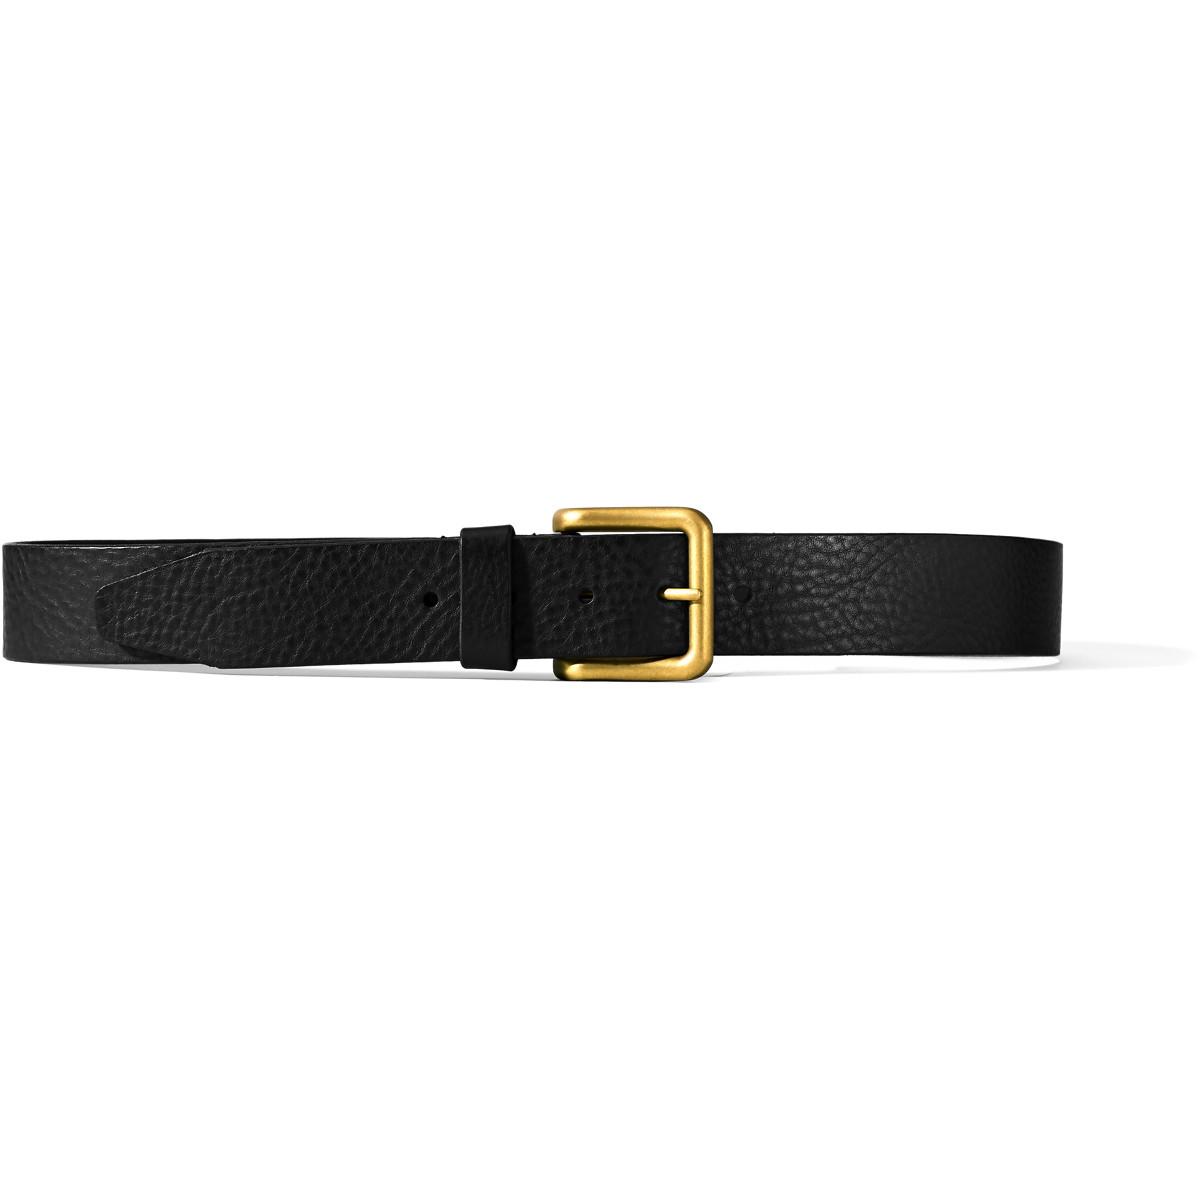 Danner Catch & Release Belt - Black w/ Brass